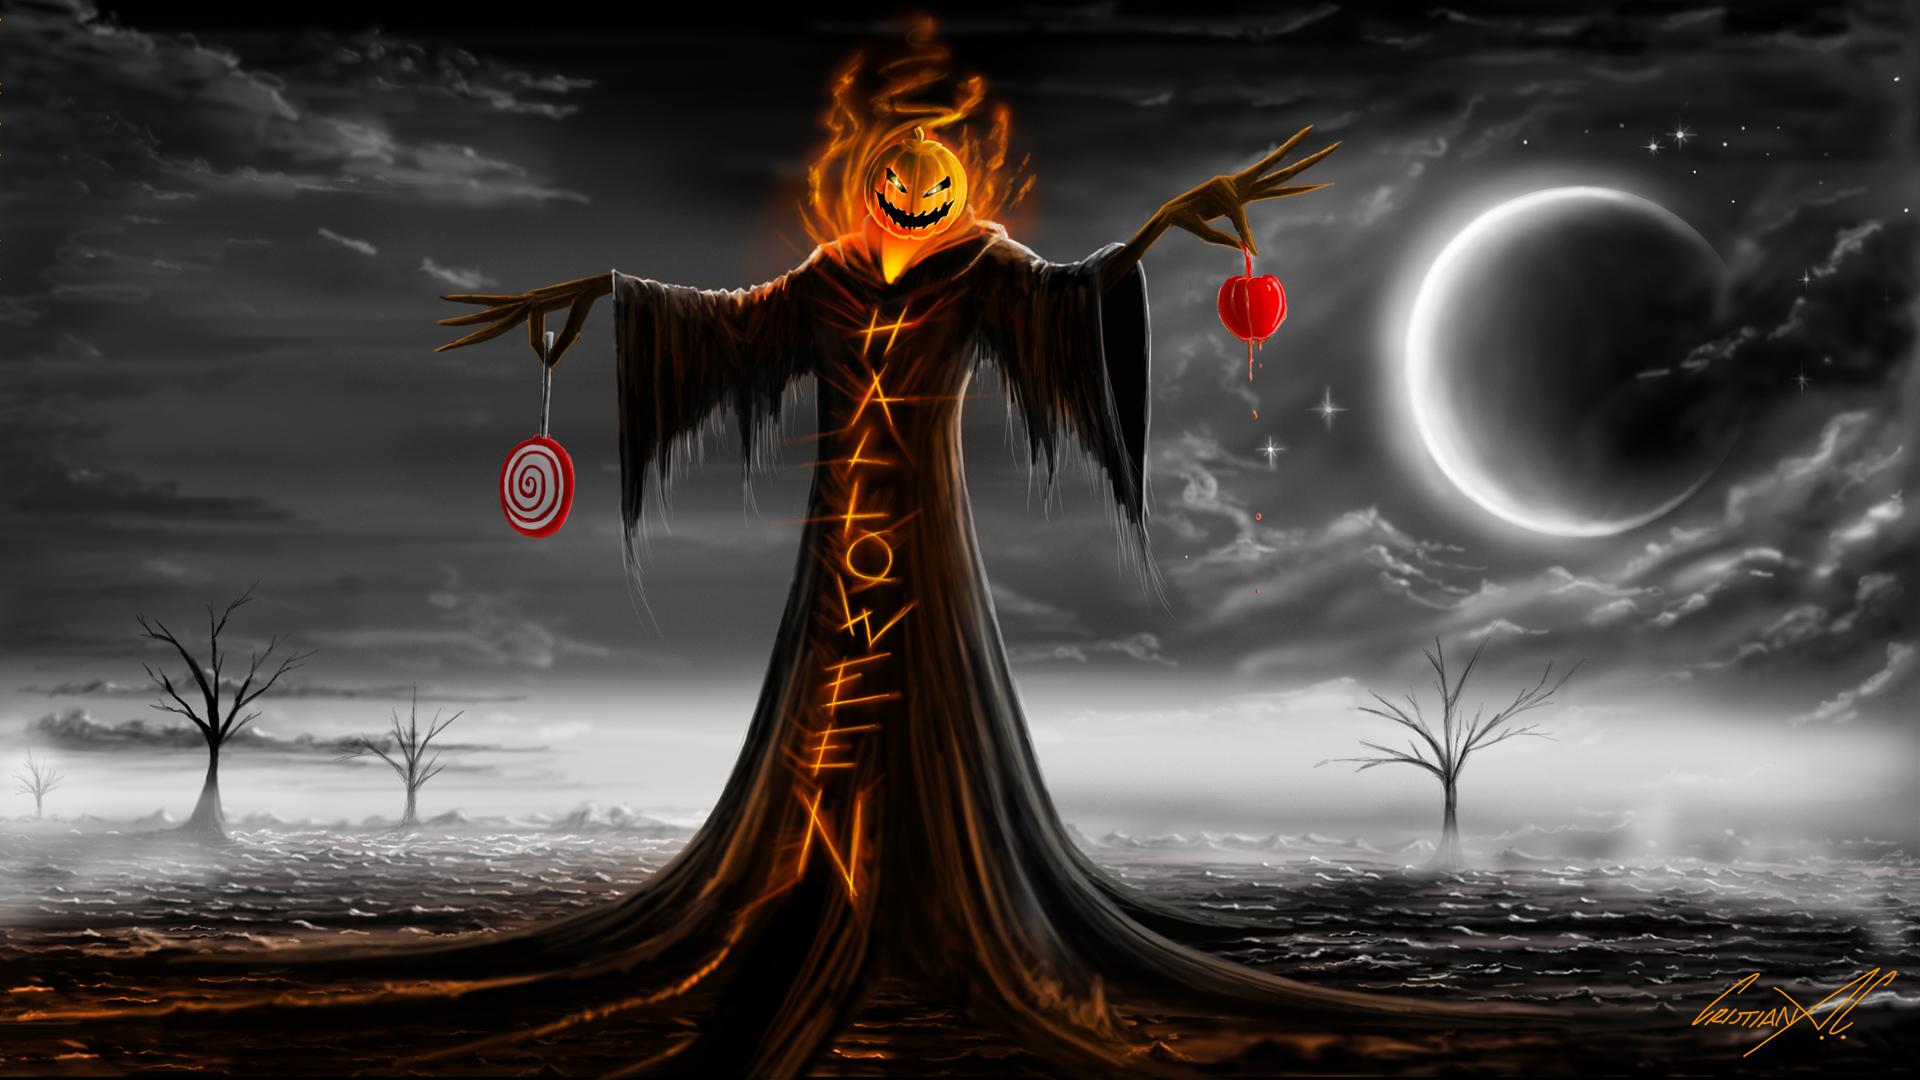 Widescreen Full HD Halloween Wallpaper